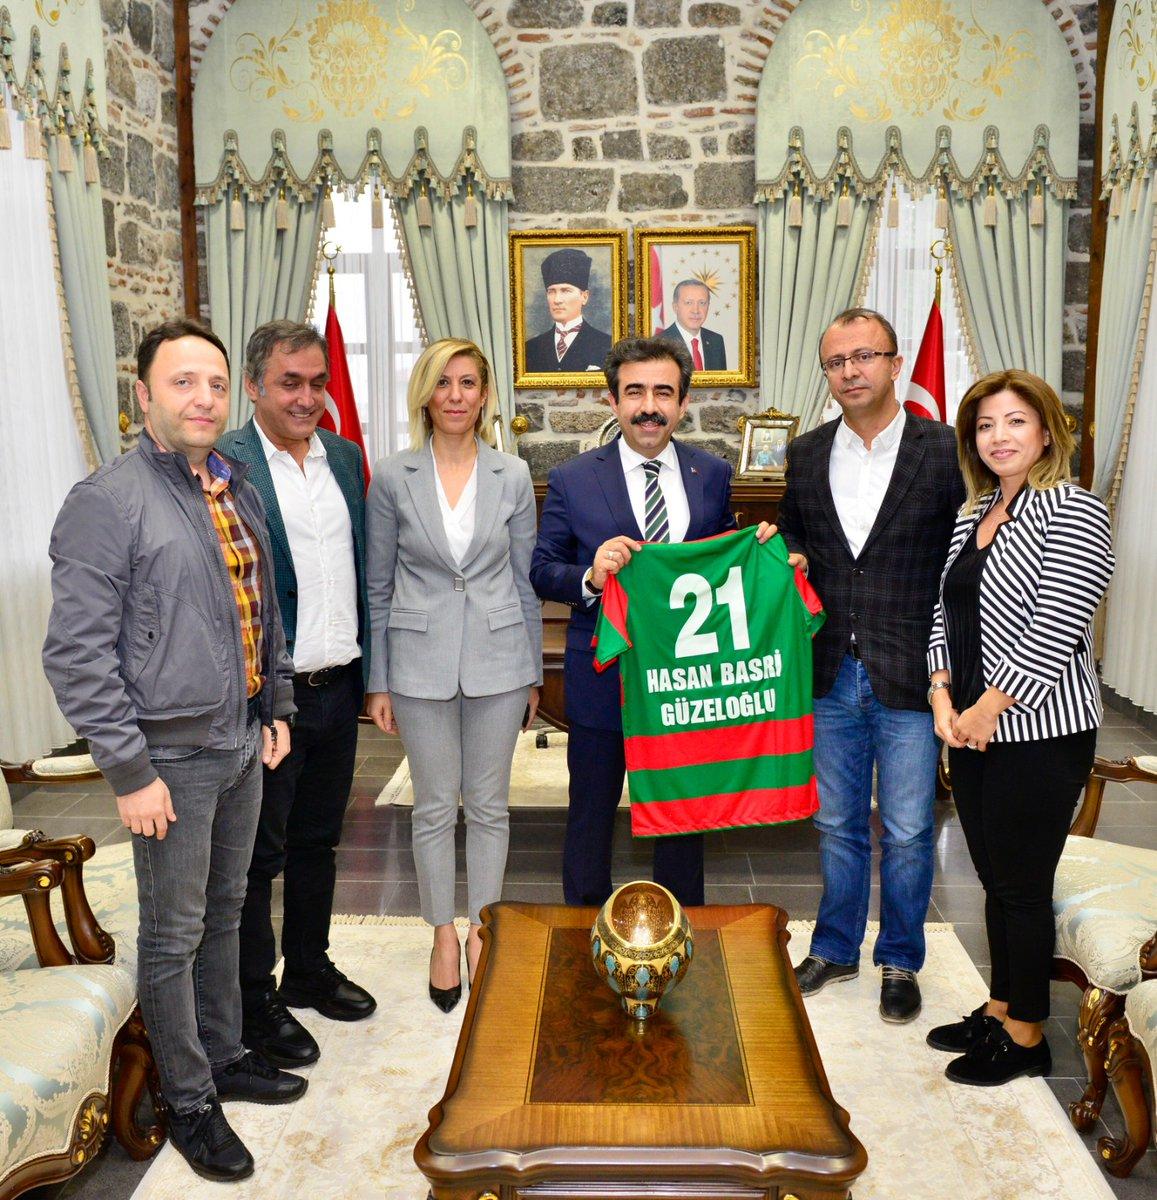 Amedspor yönetimi Diyarbakır Valisi'ni ziyaret edip destek istedi